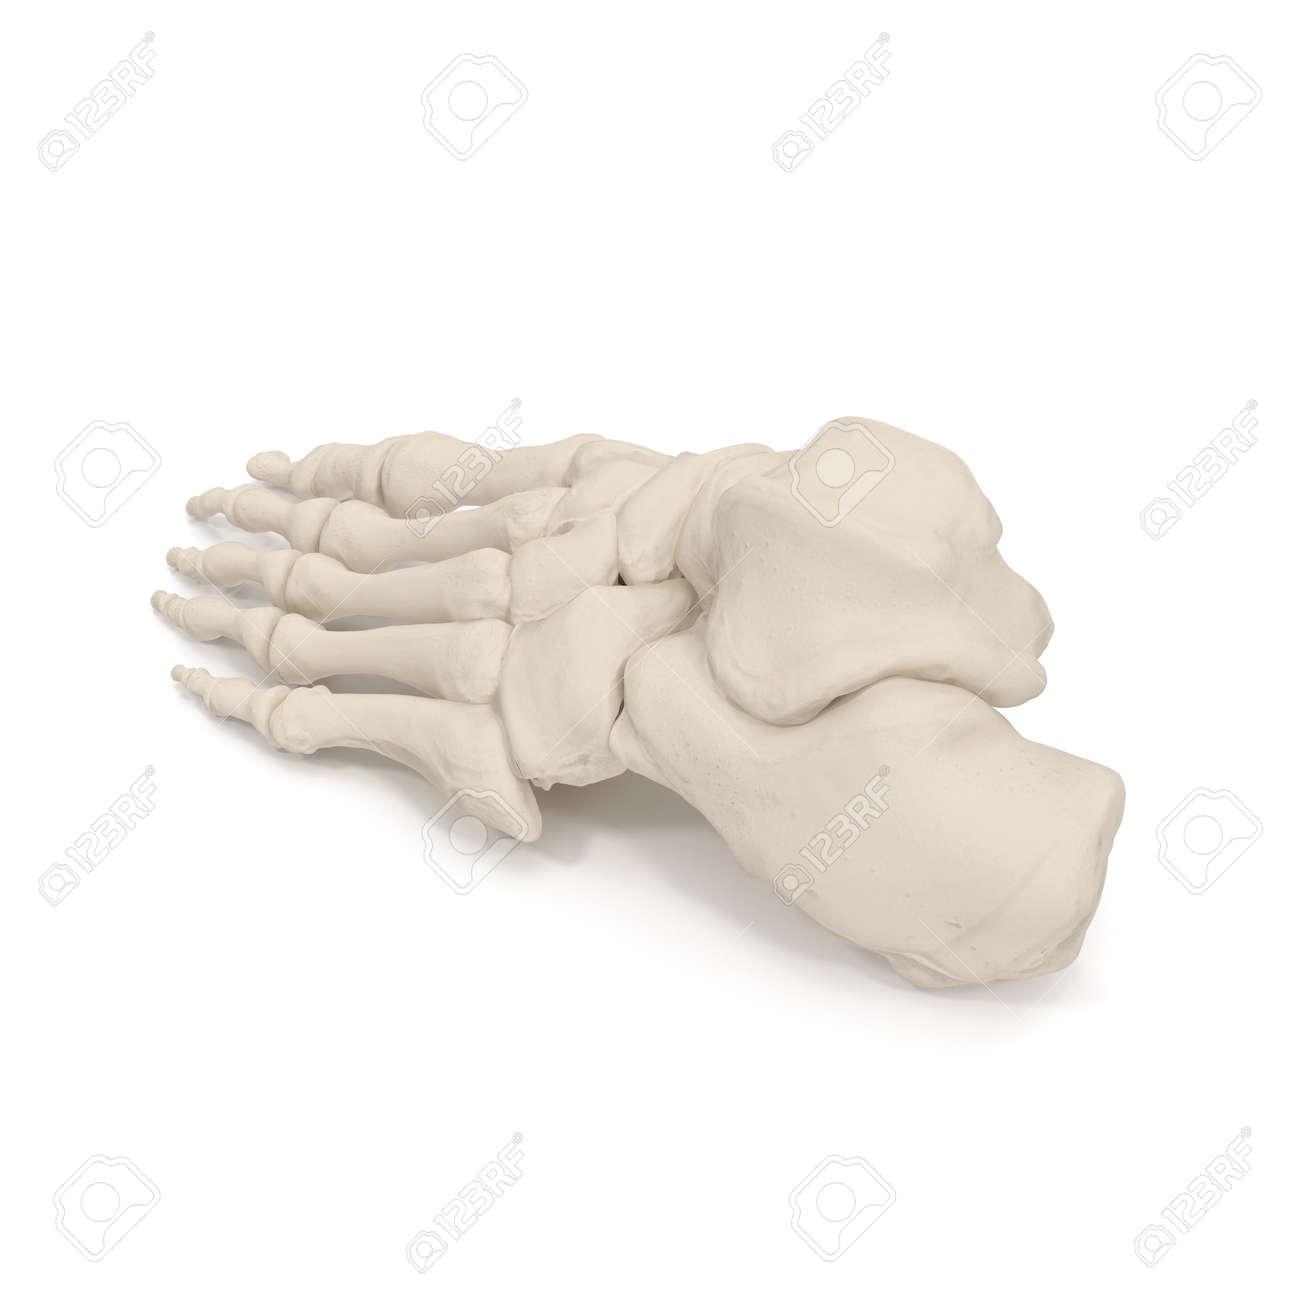 Menschliche Bein-Skelett-Knochen Auf Weiß. 3D-Darstellung ...